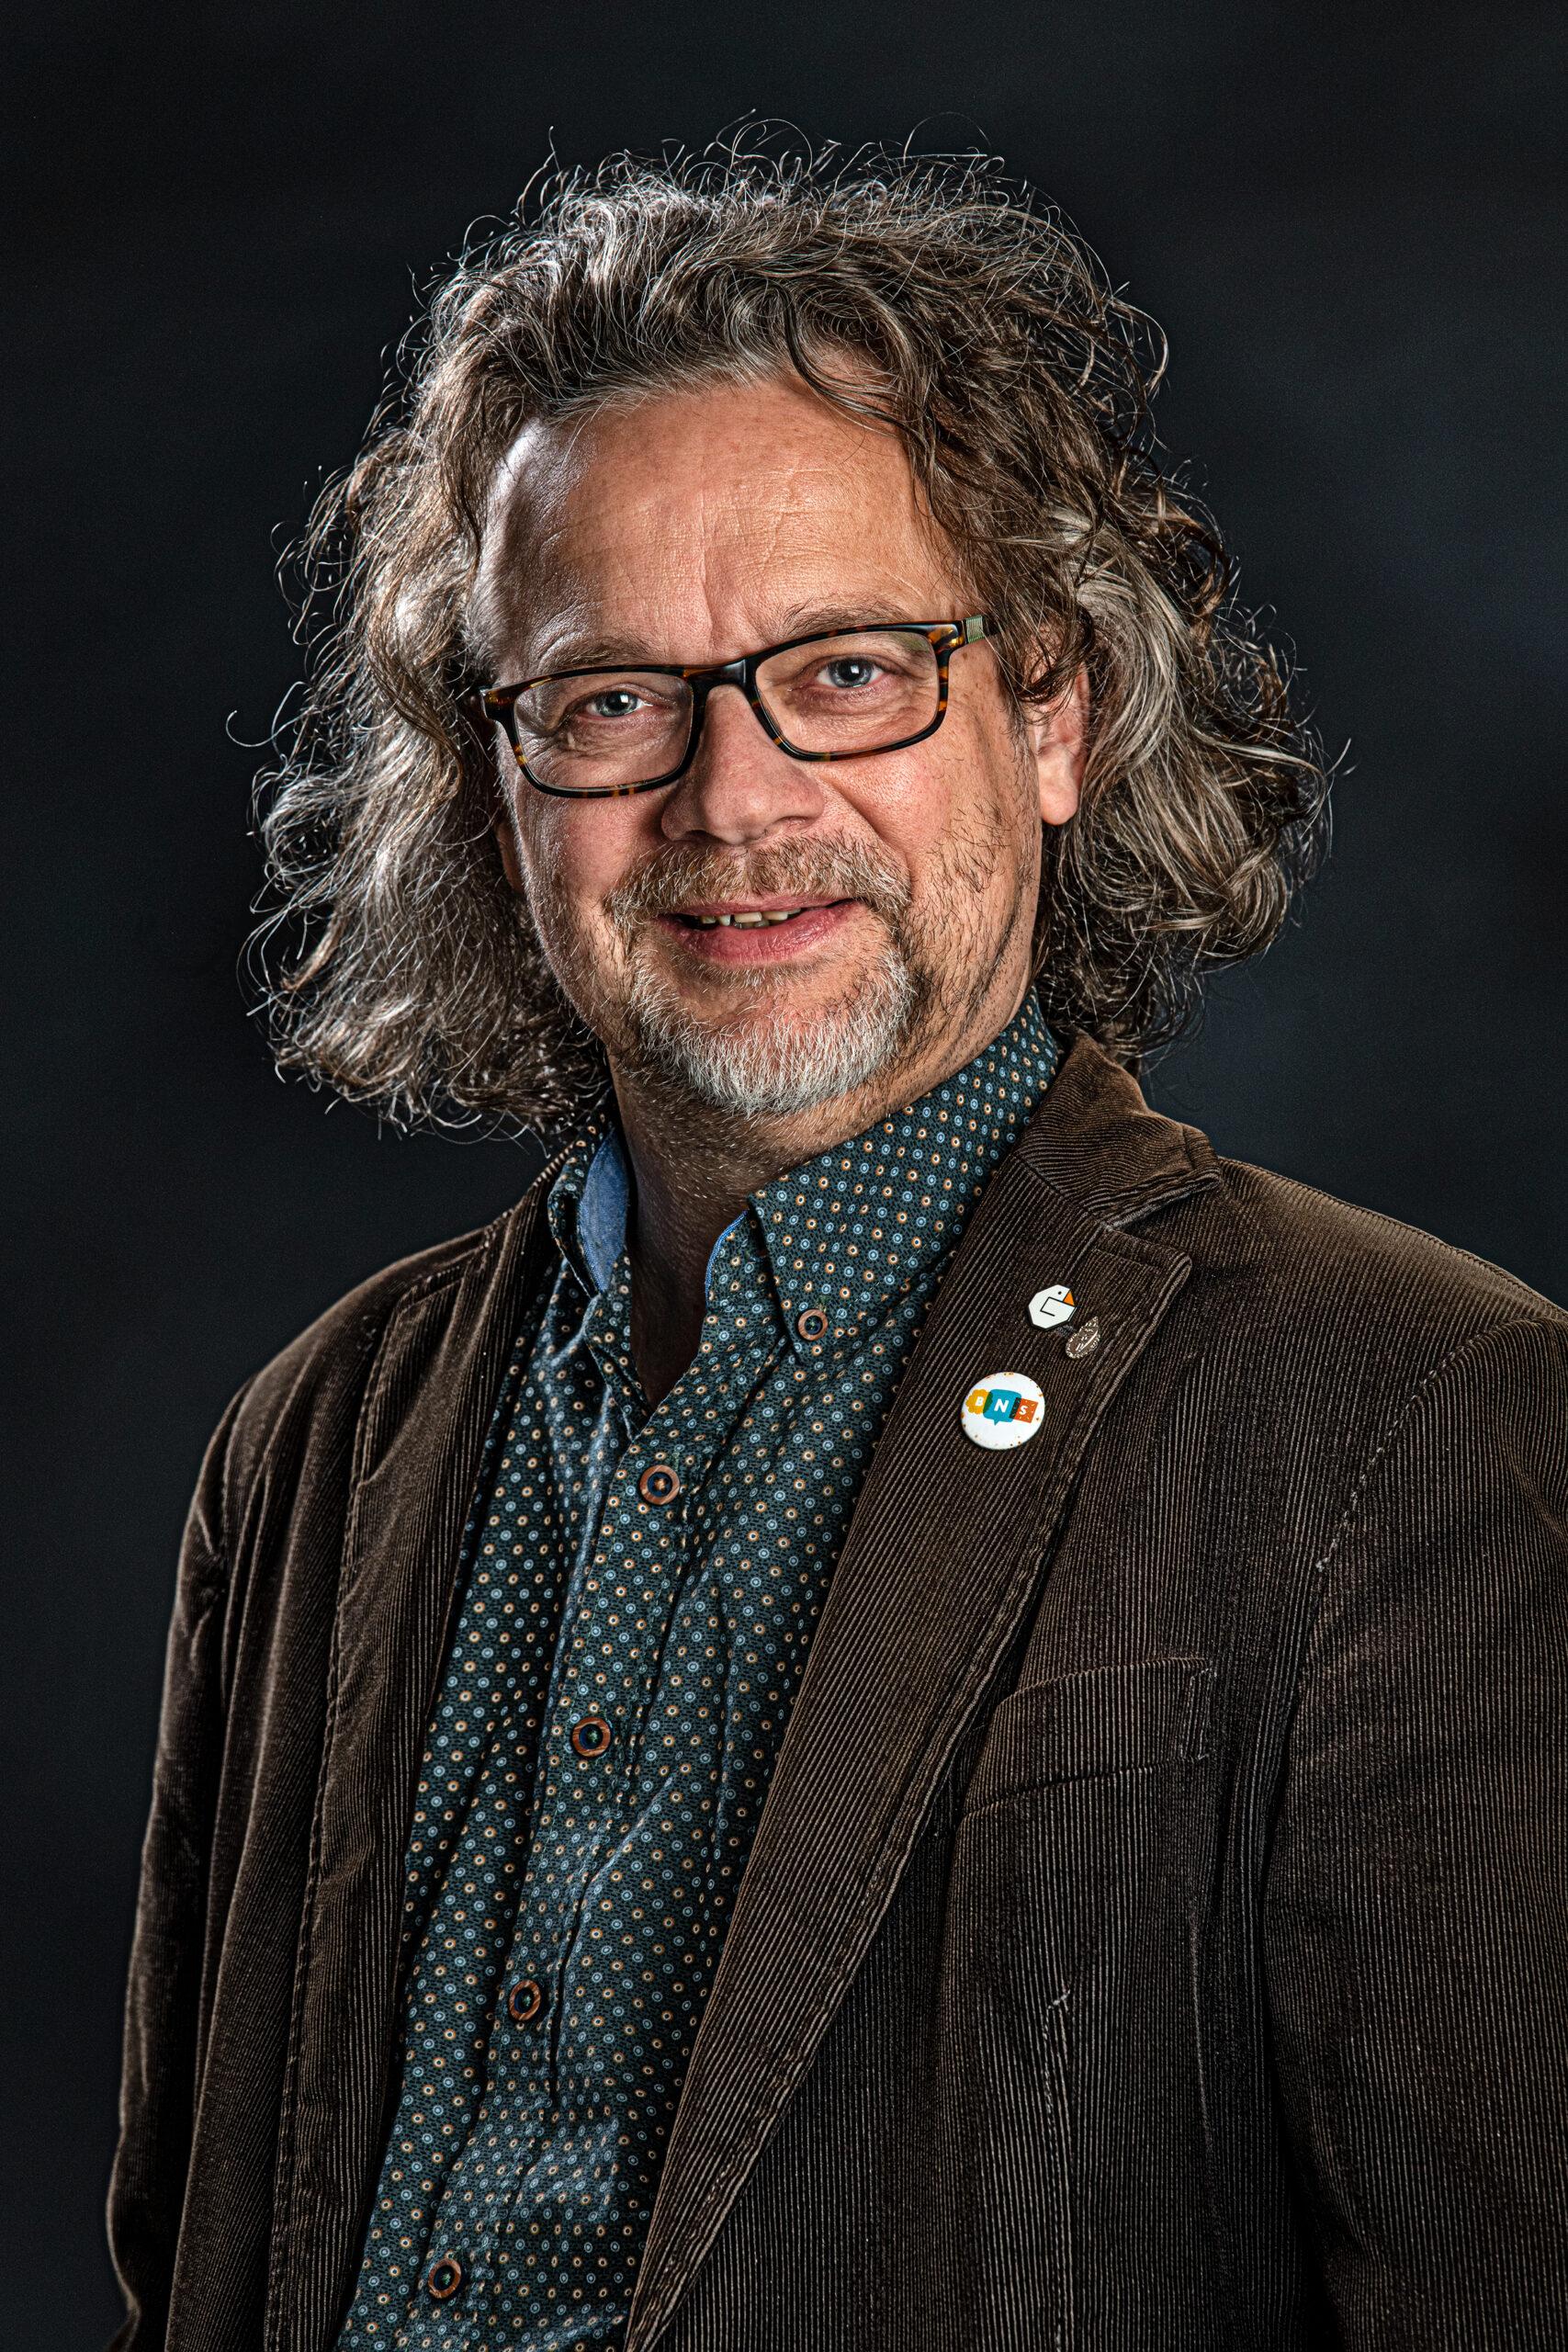 Herman Roozen